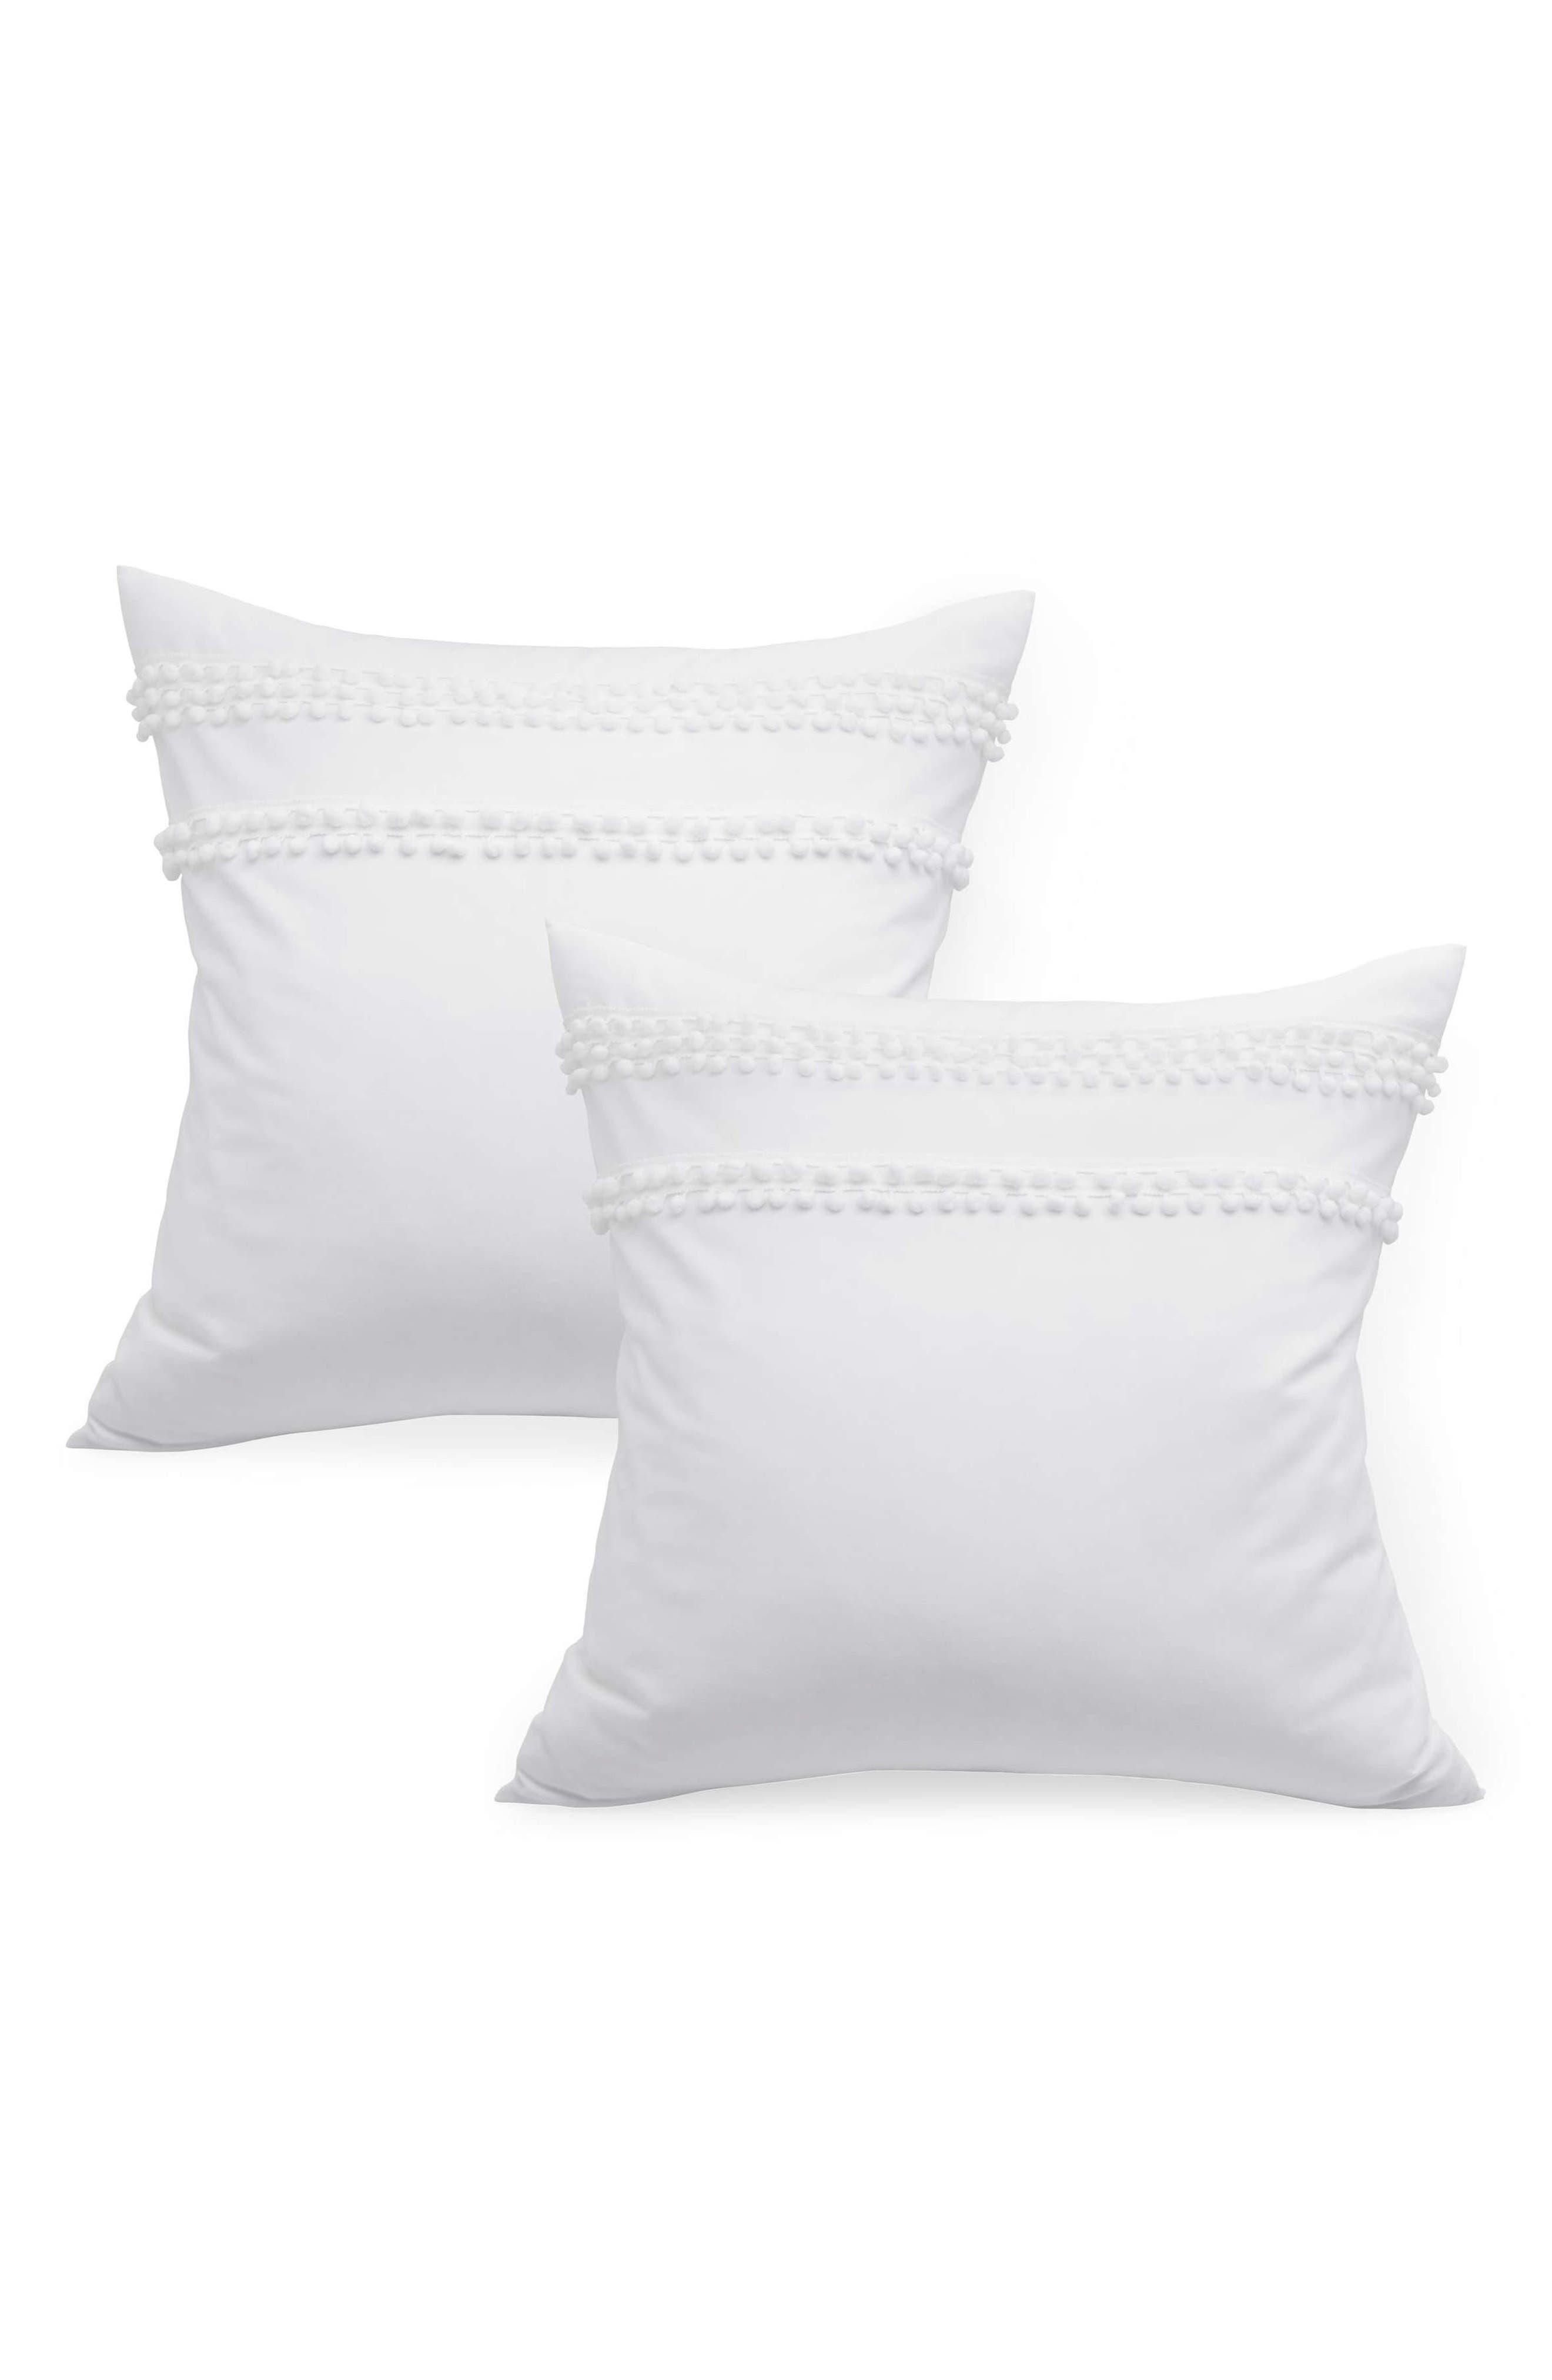 Set of 2 Pompom Euro Shams,                         Main,                         color, WHITE